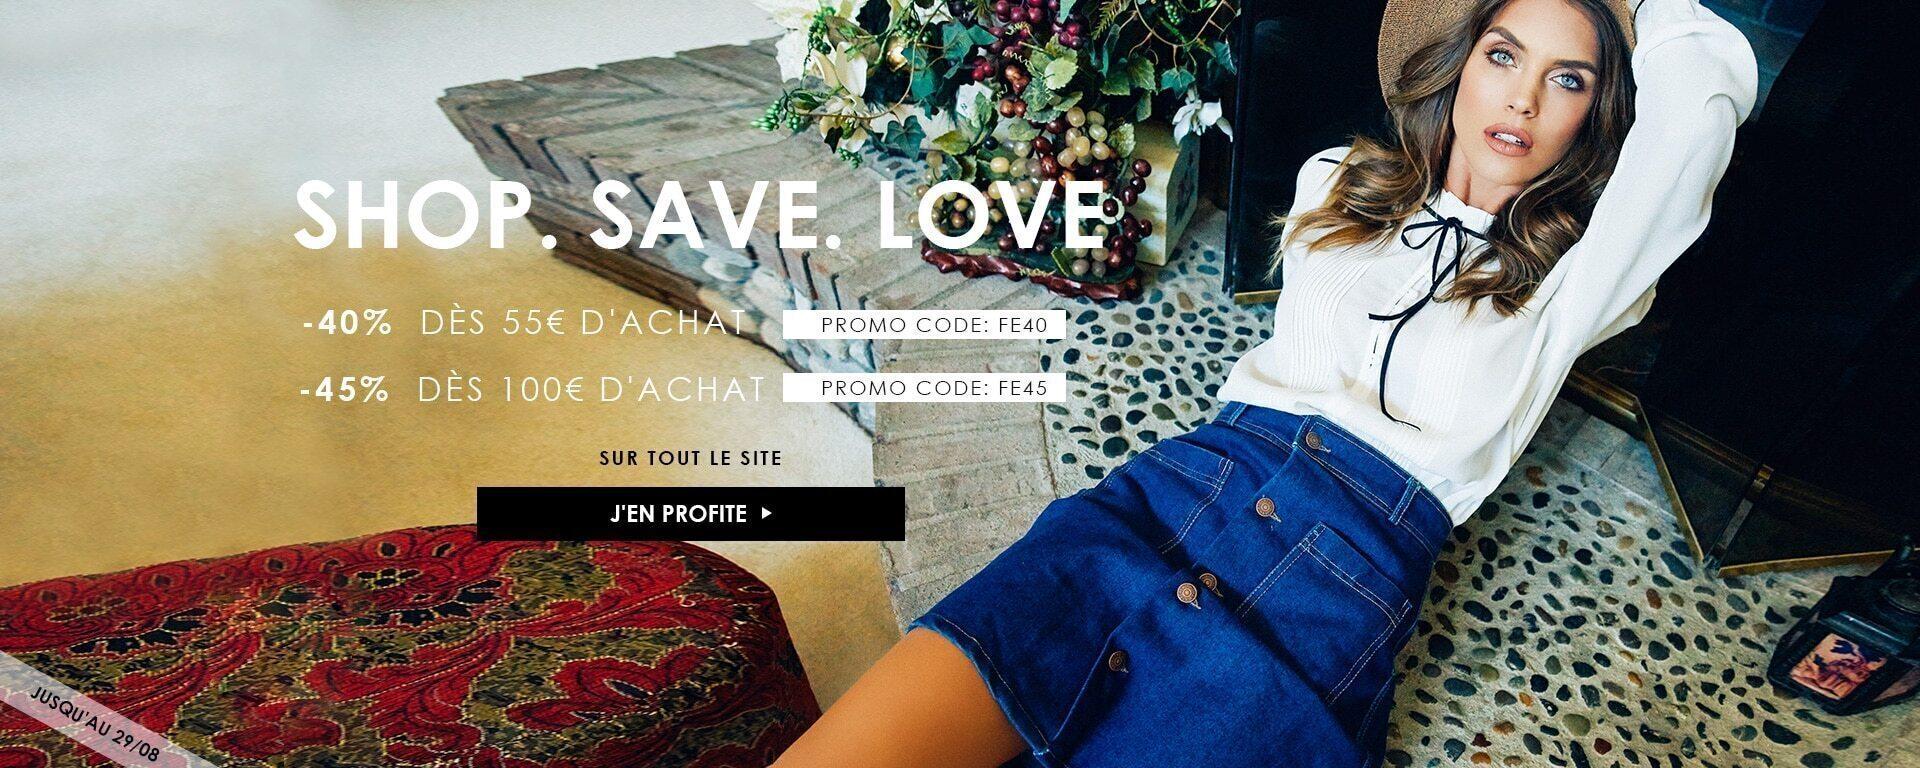 SHOP. SAVE. LOVE